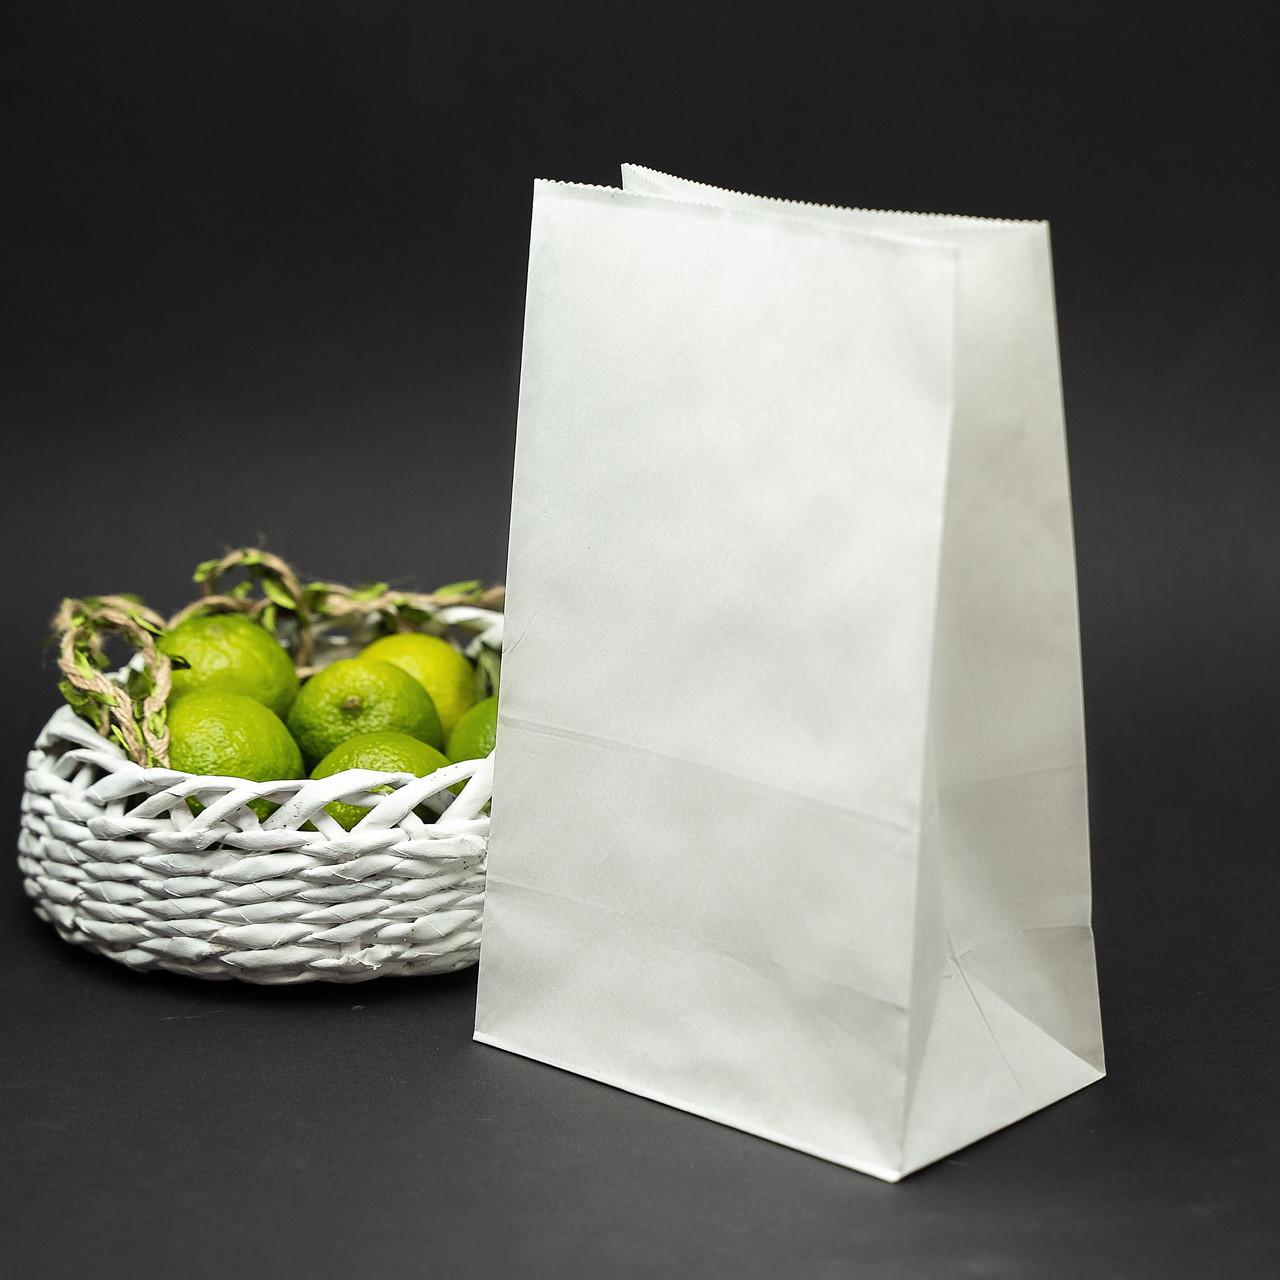 Пакет бумажный белый 150*90*240 мм с плоским дном упаковочный